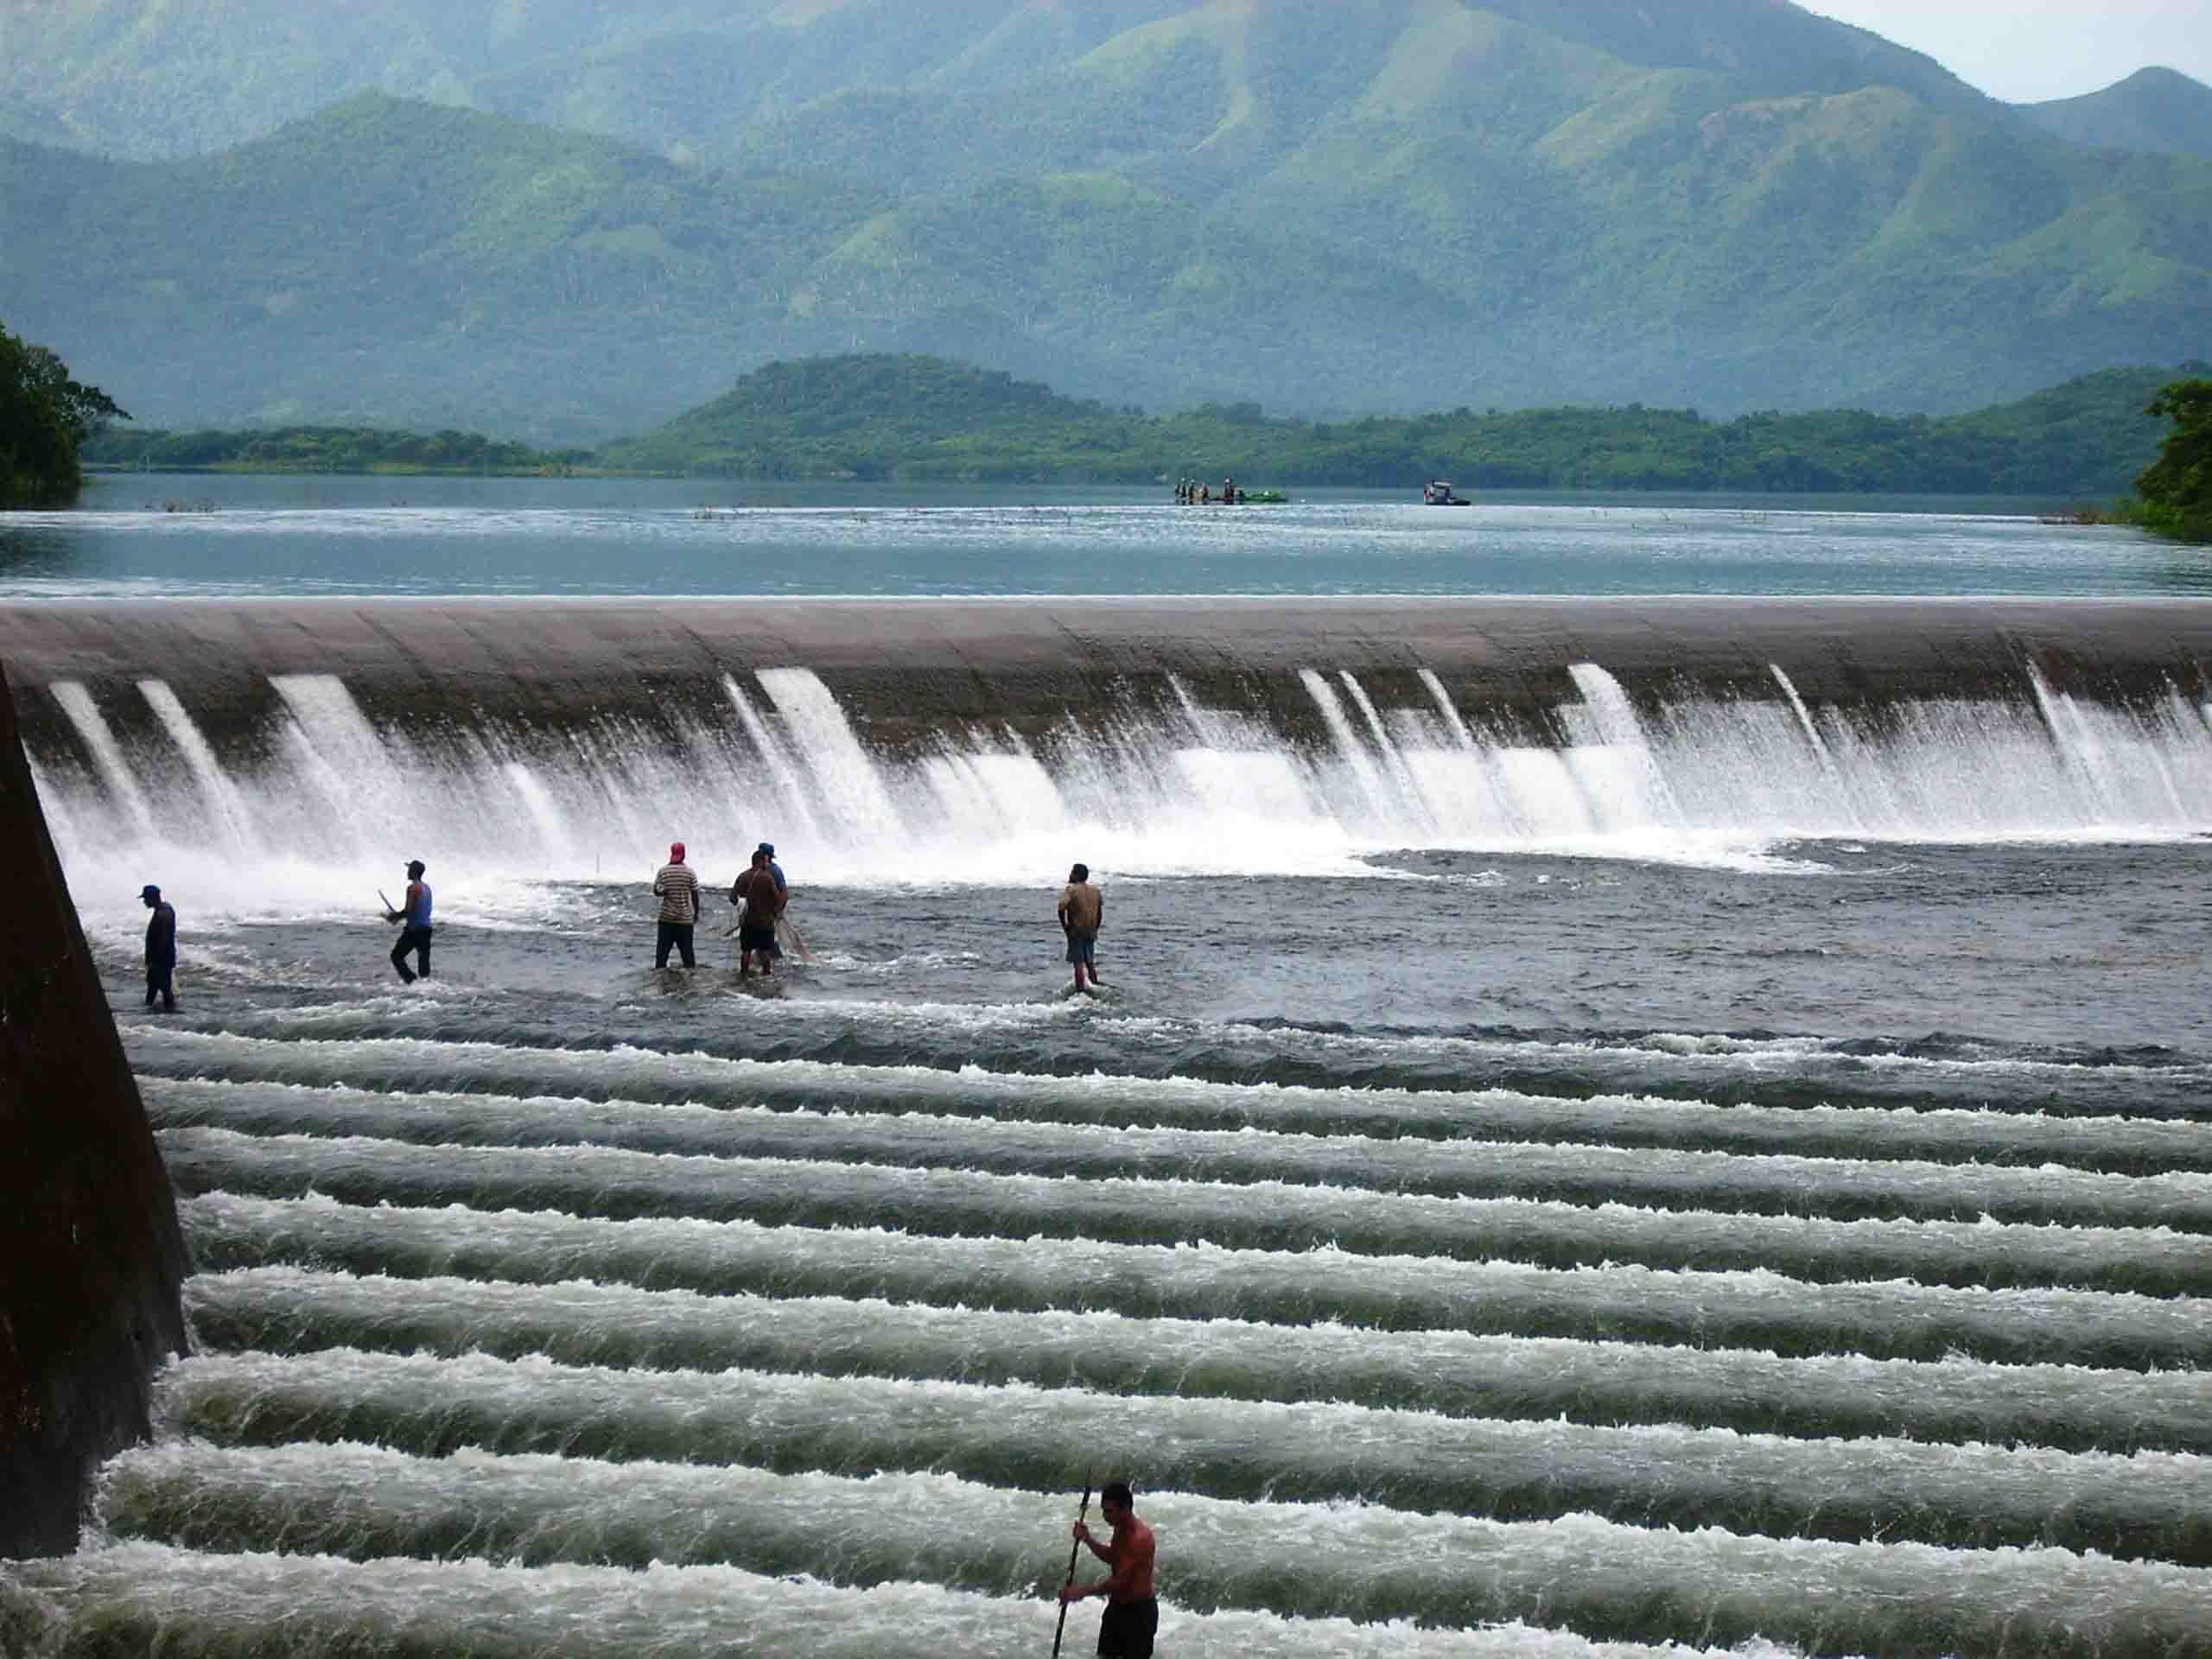 Foto a tomada de internet pie de foto Uno de los objetivos de la Ley es ordenar la gestión integrada y sostenible de las aguas terrestres recurso natural renovable y limitado_